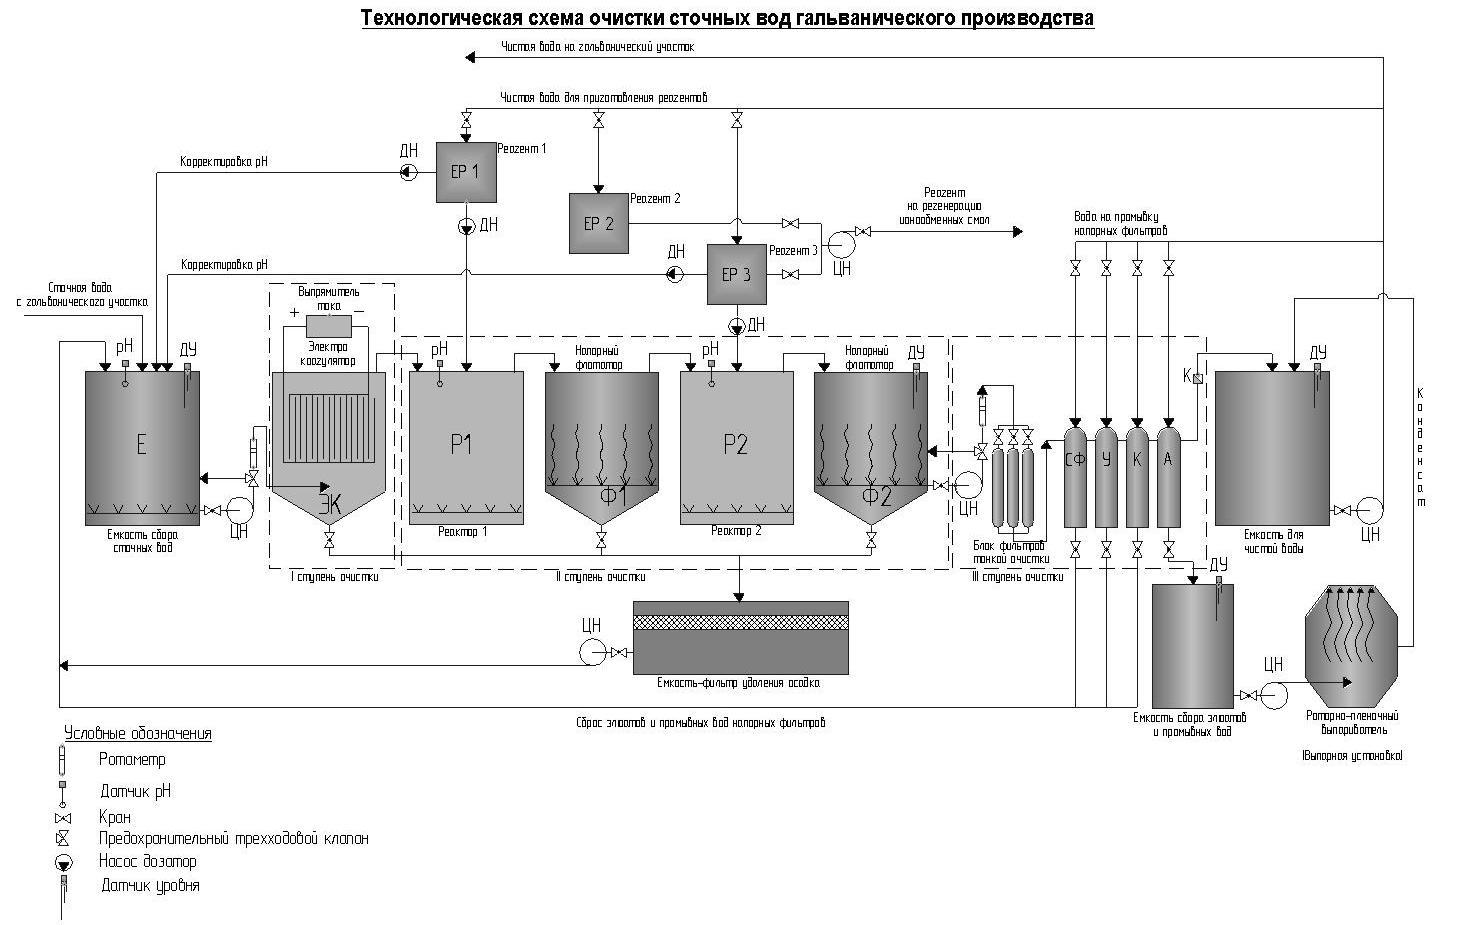 вода для гальванического производства и схемы